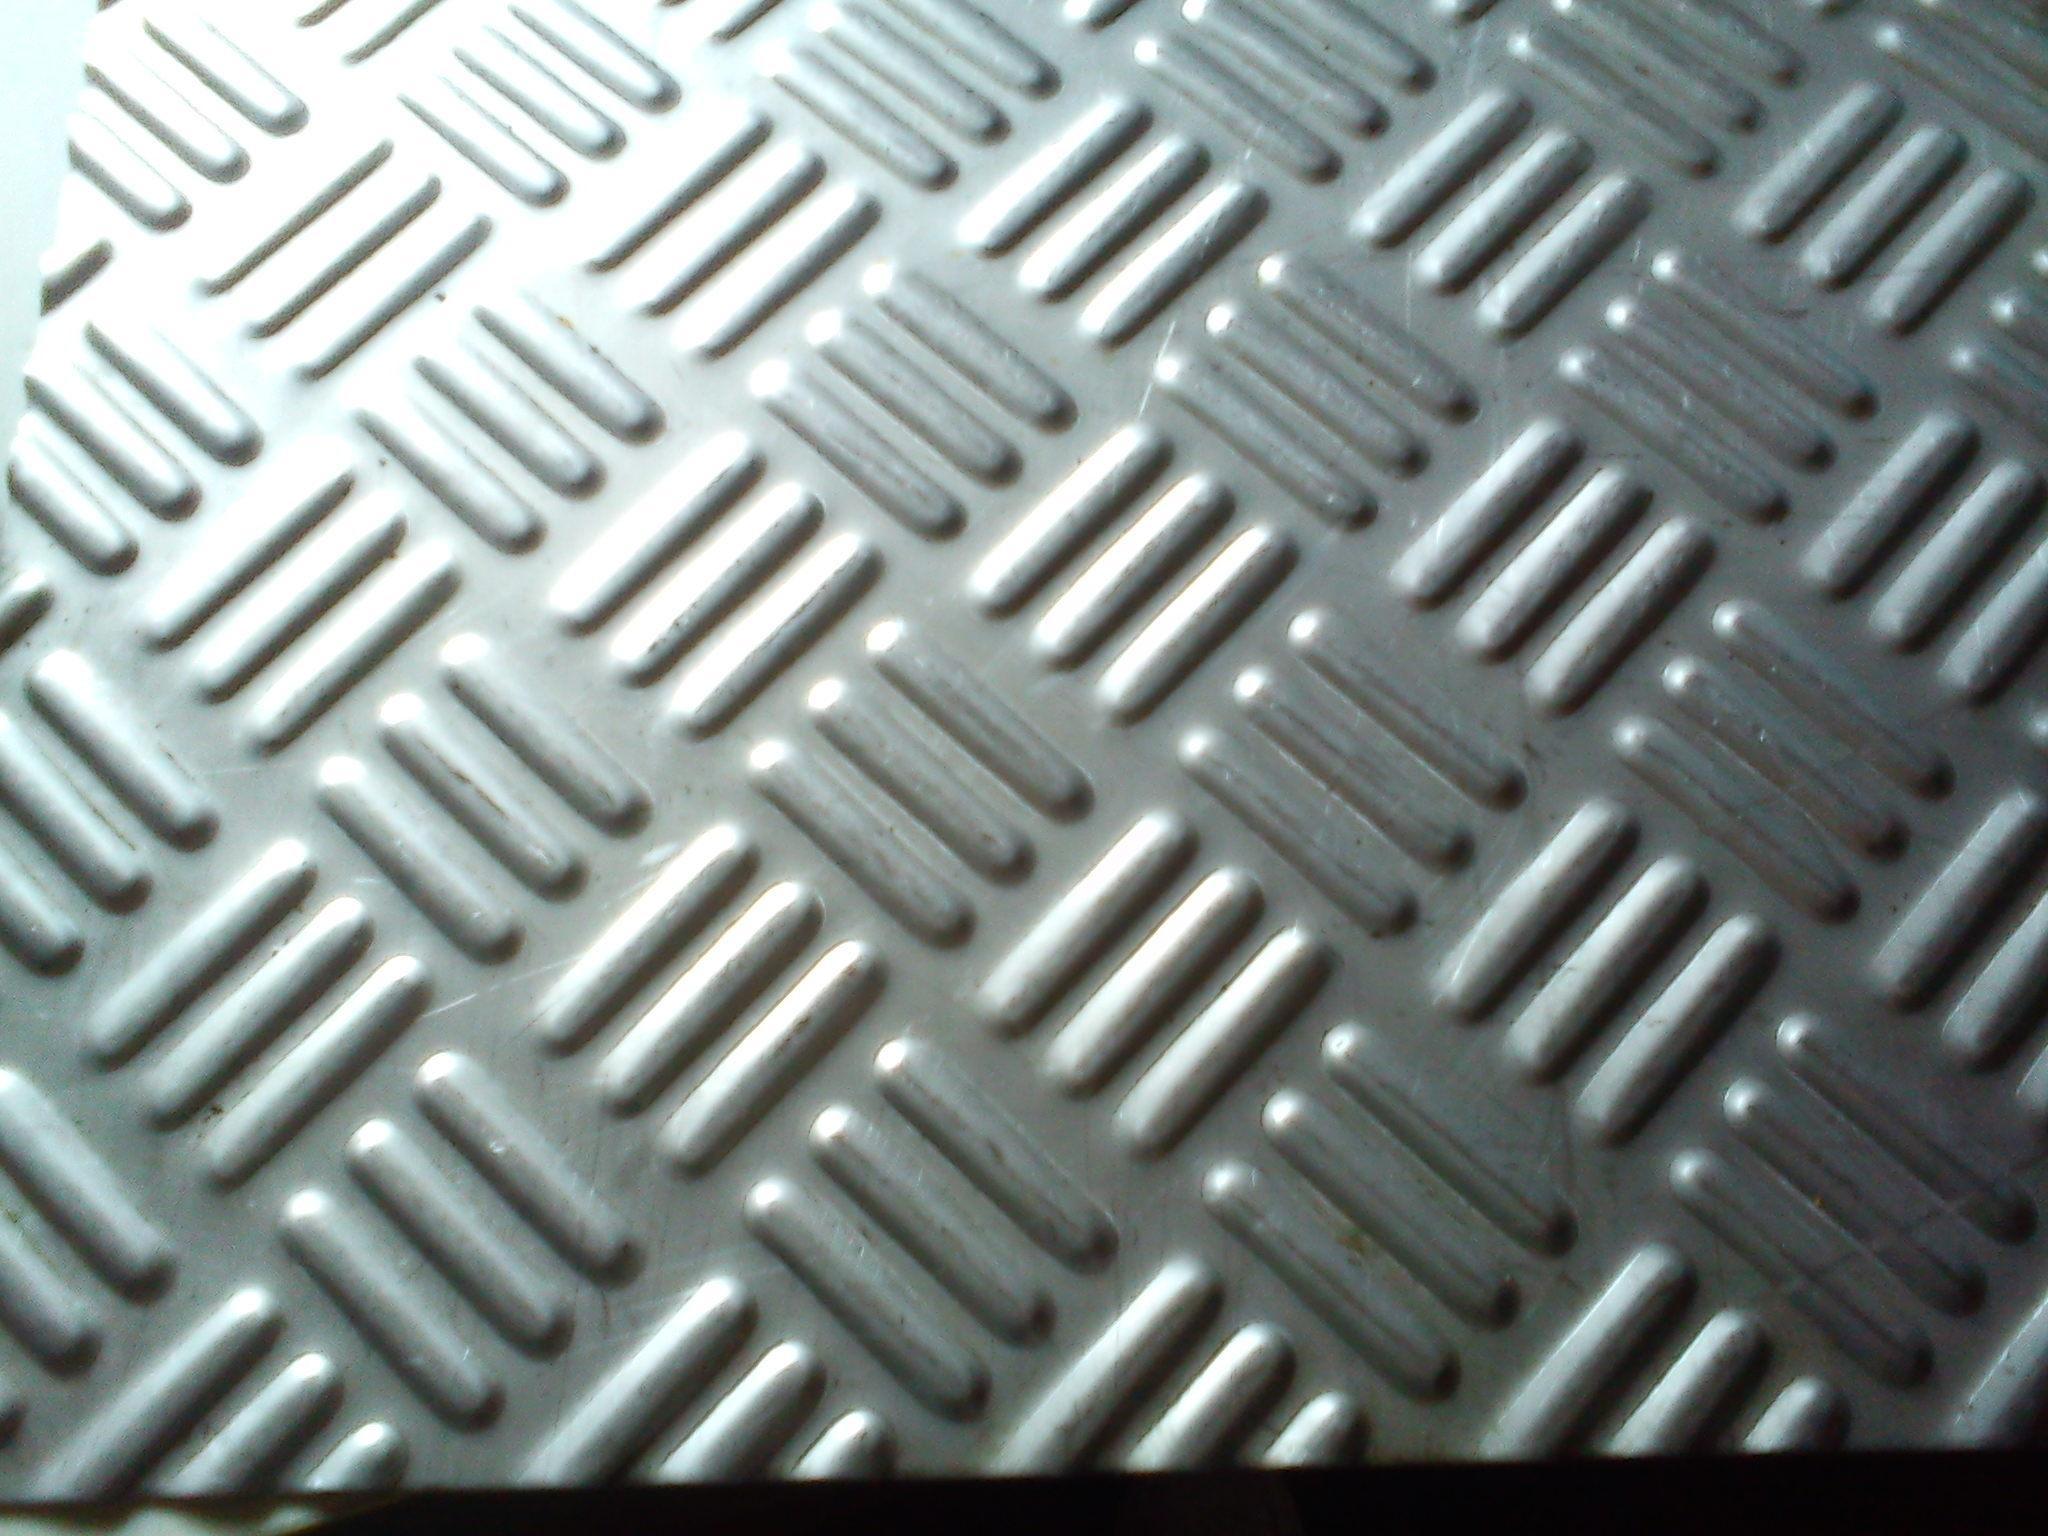 """彩色不锈钢防滑板/不锈钢大人字防滑板/不锈钢防滑板供应商,供应酒店防滑板,装饰板,不锈钢楼梯防滑板,不锈钢天桥防滑板,不锈钢防滑板供应商,不锈钢防滑板市场,不锈钢防滑板厂,不锈钢大小防滑板供应商。 不锈钢防滑板板通过机械设备在不锈钢板上进行冲压加工,使板面出现凹凸图纹。 不锈钢防滑板表面处理种类介绍 1、不锈钢防滑板HL表面 HL表面是通过磨削将不锈钢表面加工成连续型丝状面,HL面也是俗称的""""拉丝""""面,或者称为""""长丝""""面。HL表面是应用最广泛的表面。 市场上"""